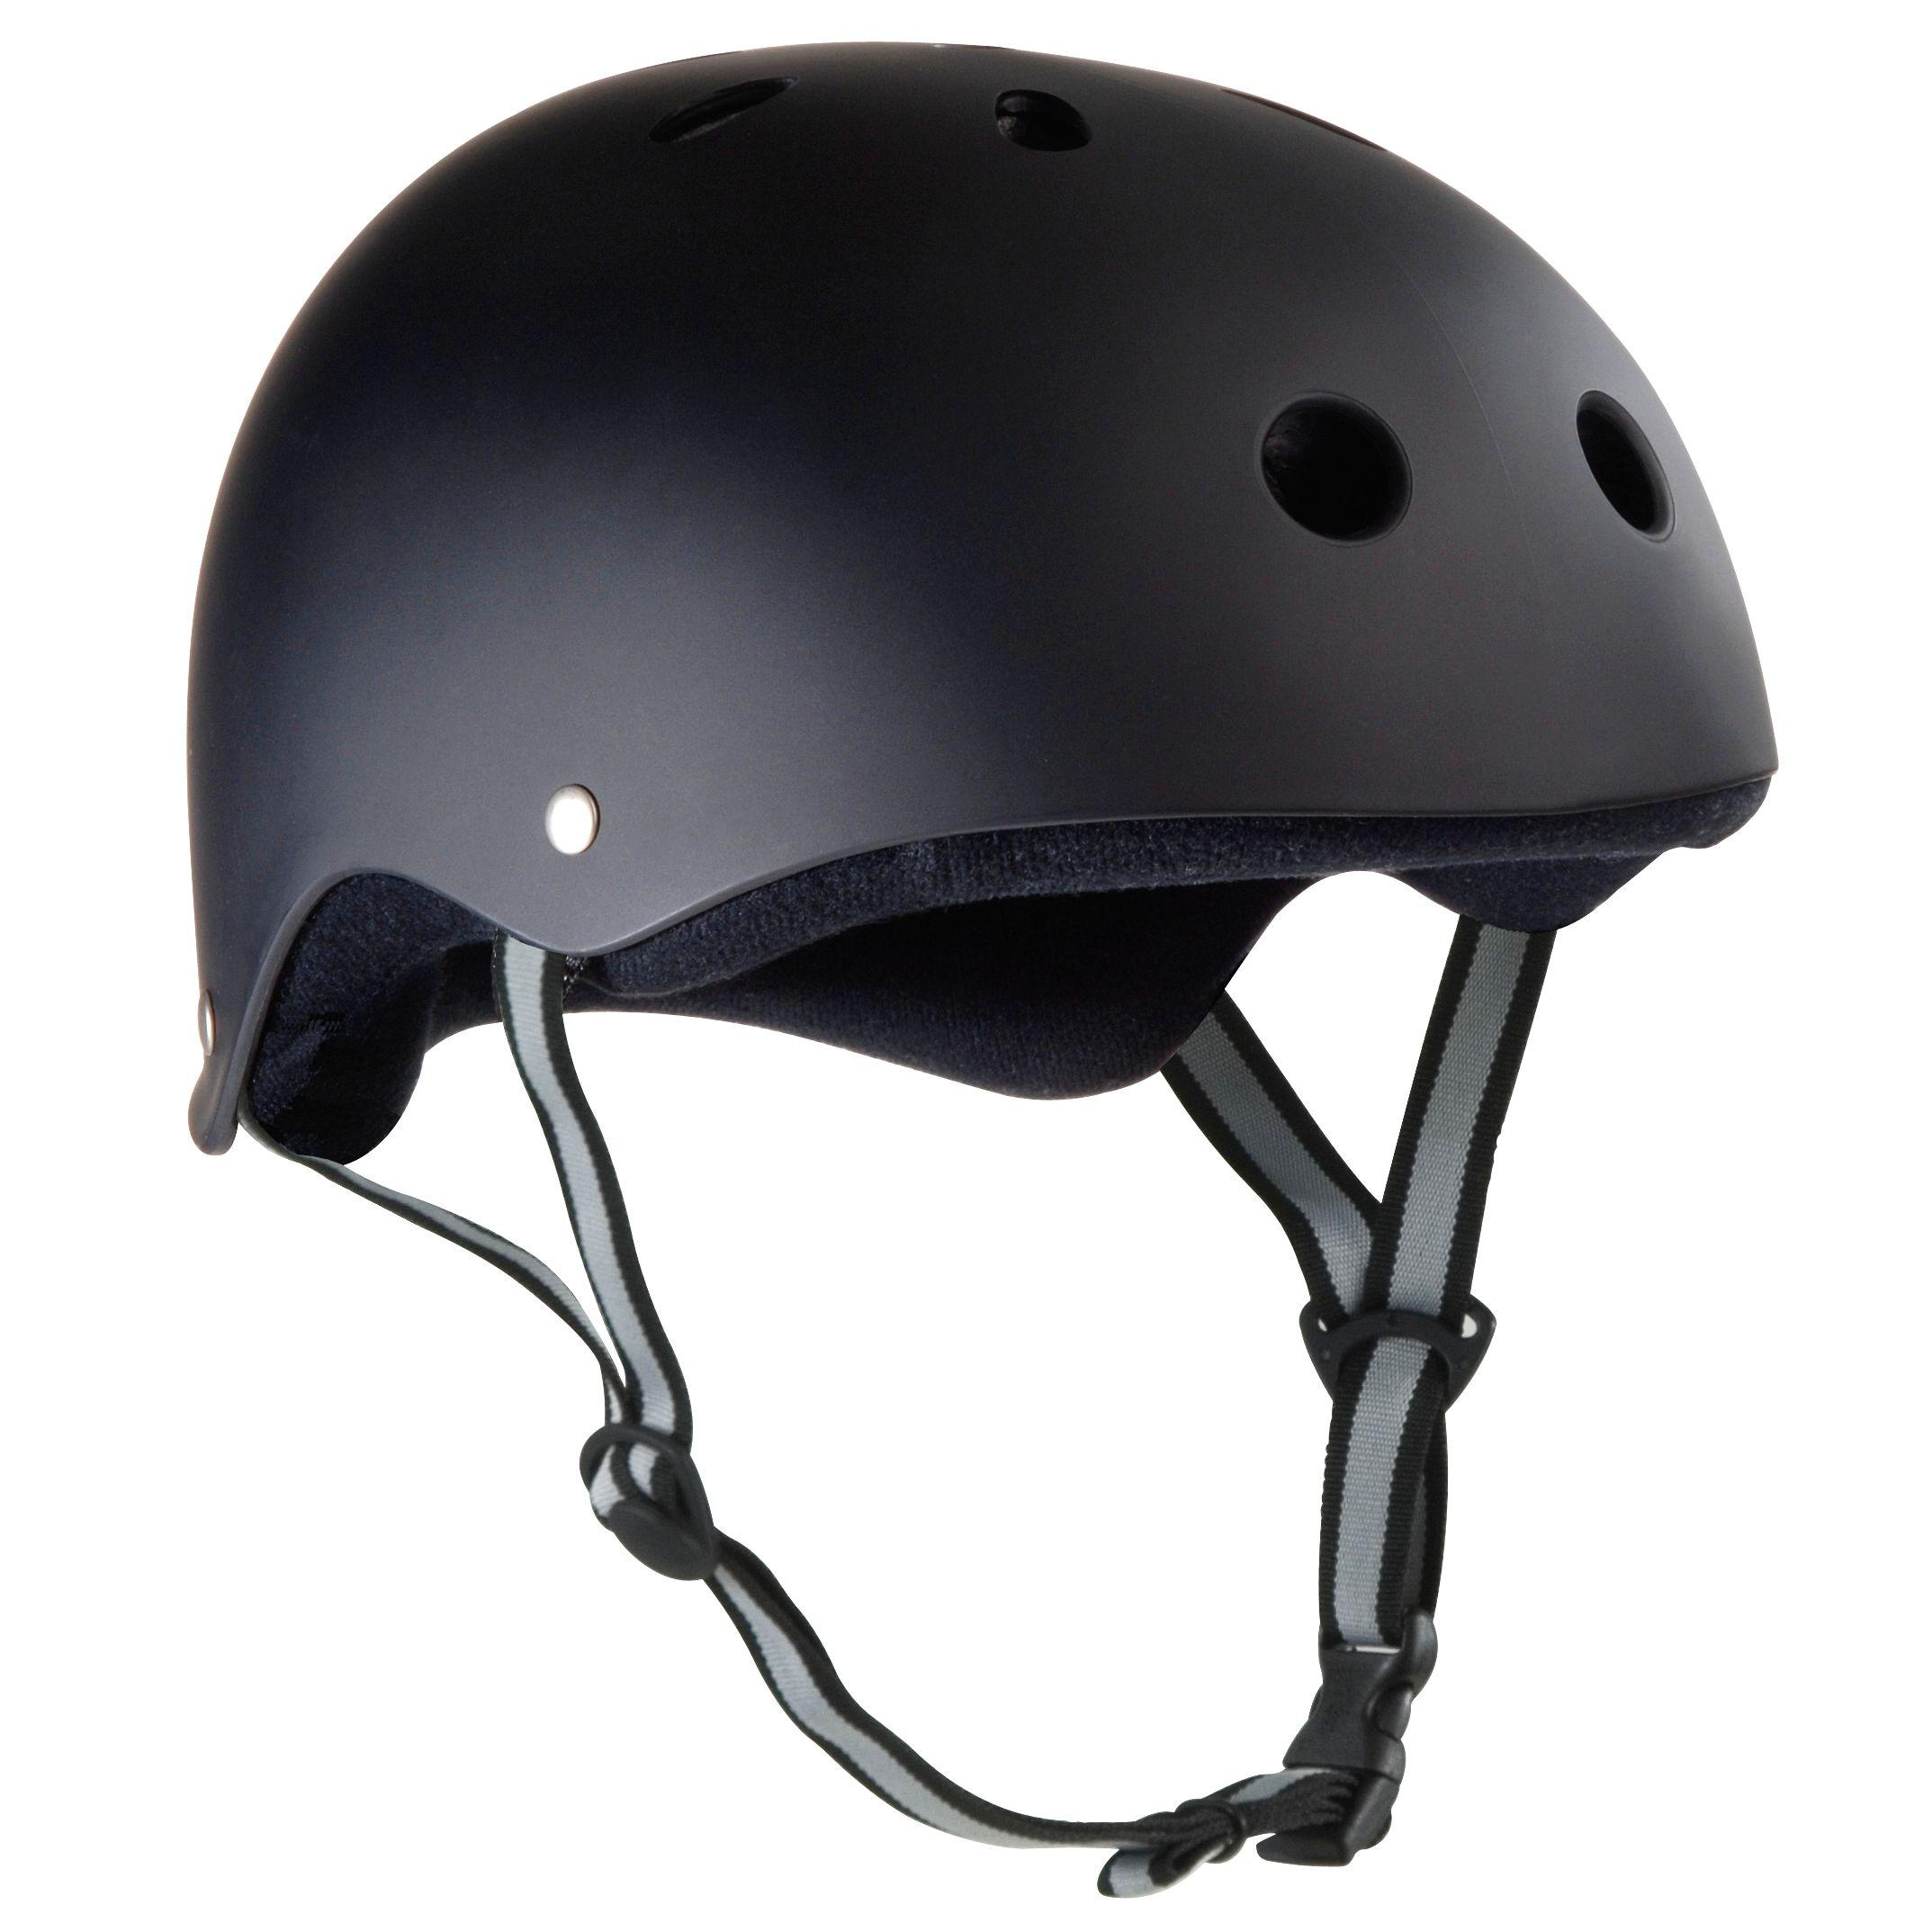 Stateside Skate Protection Helmet, Black